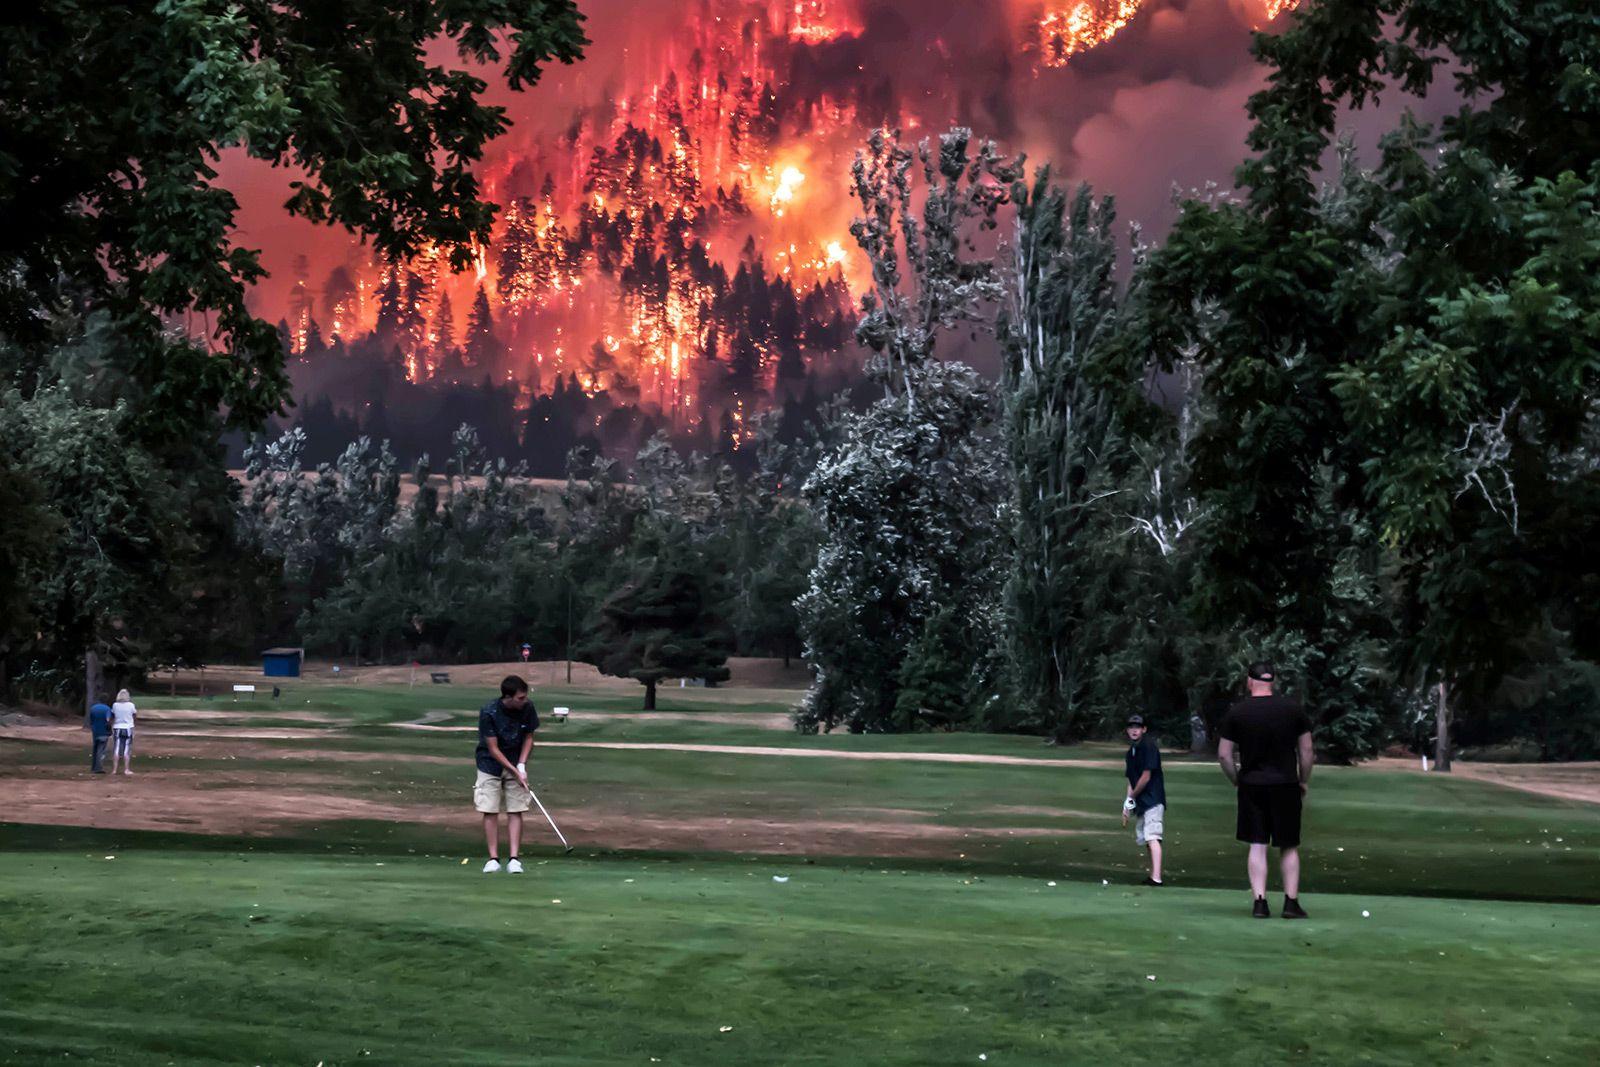 Golf Burn: September 2012